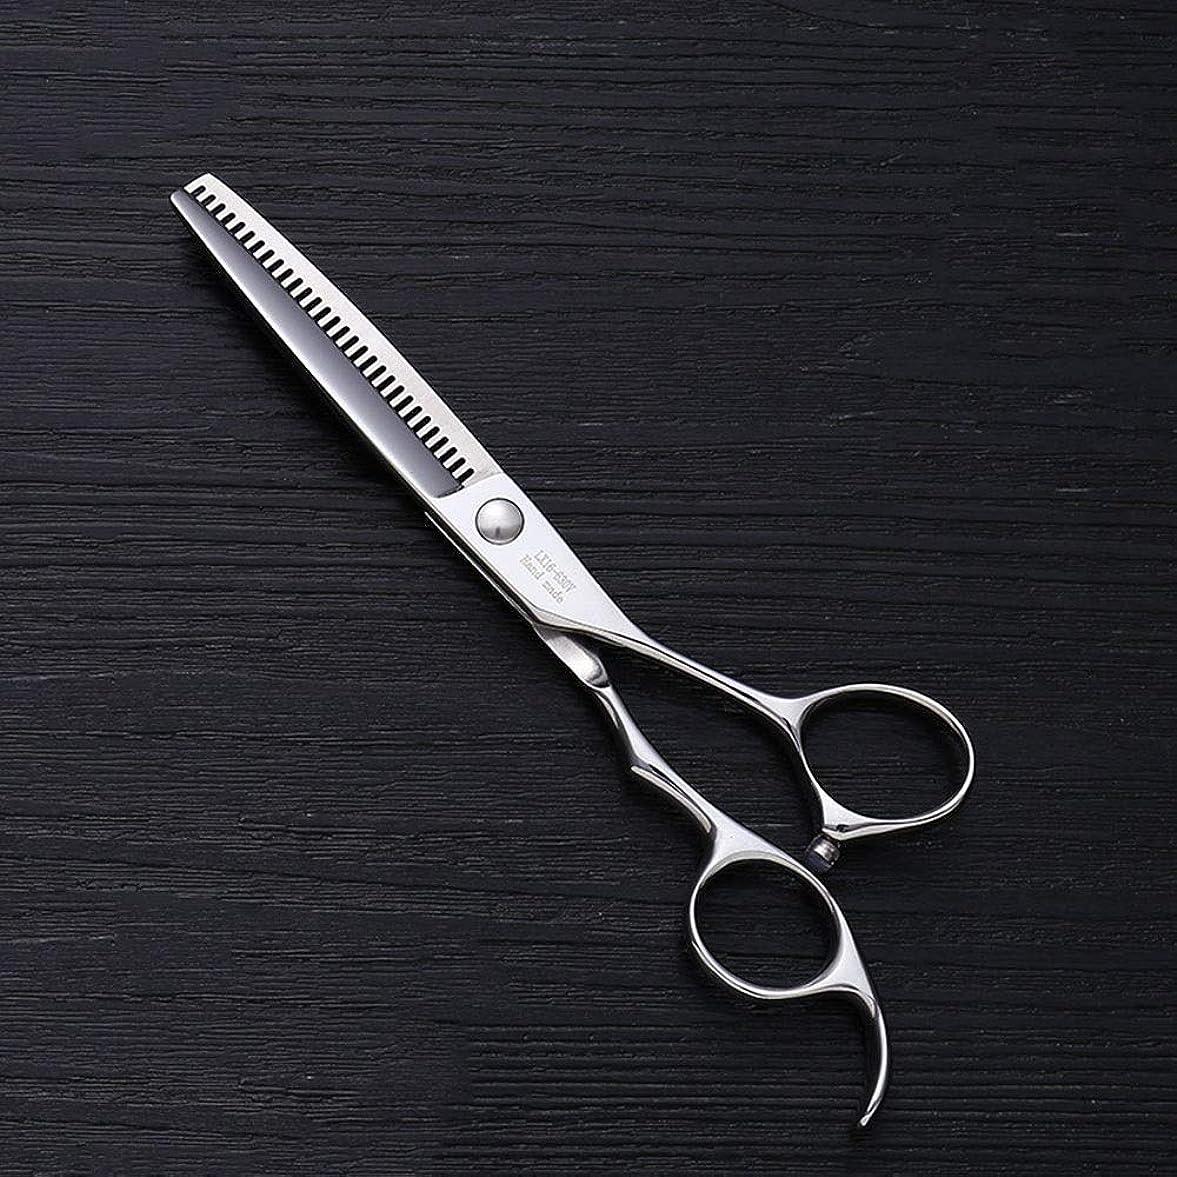 ジャンプ眠る人種6インチV型30歯散髪用はさみ、美容院プロフェッショナル理髪用はさみ モデリングツール (色 : Silver)